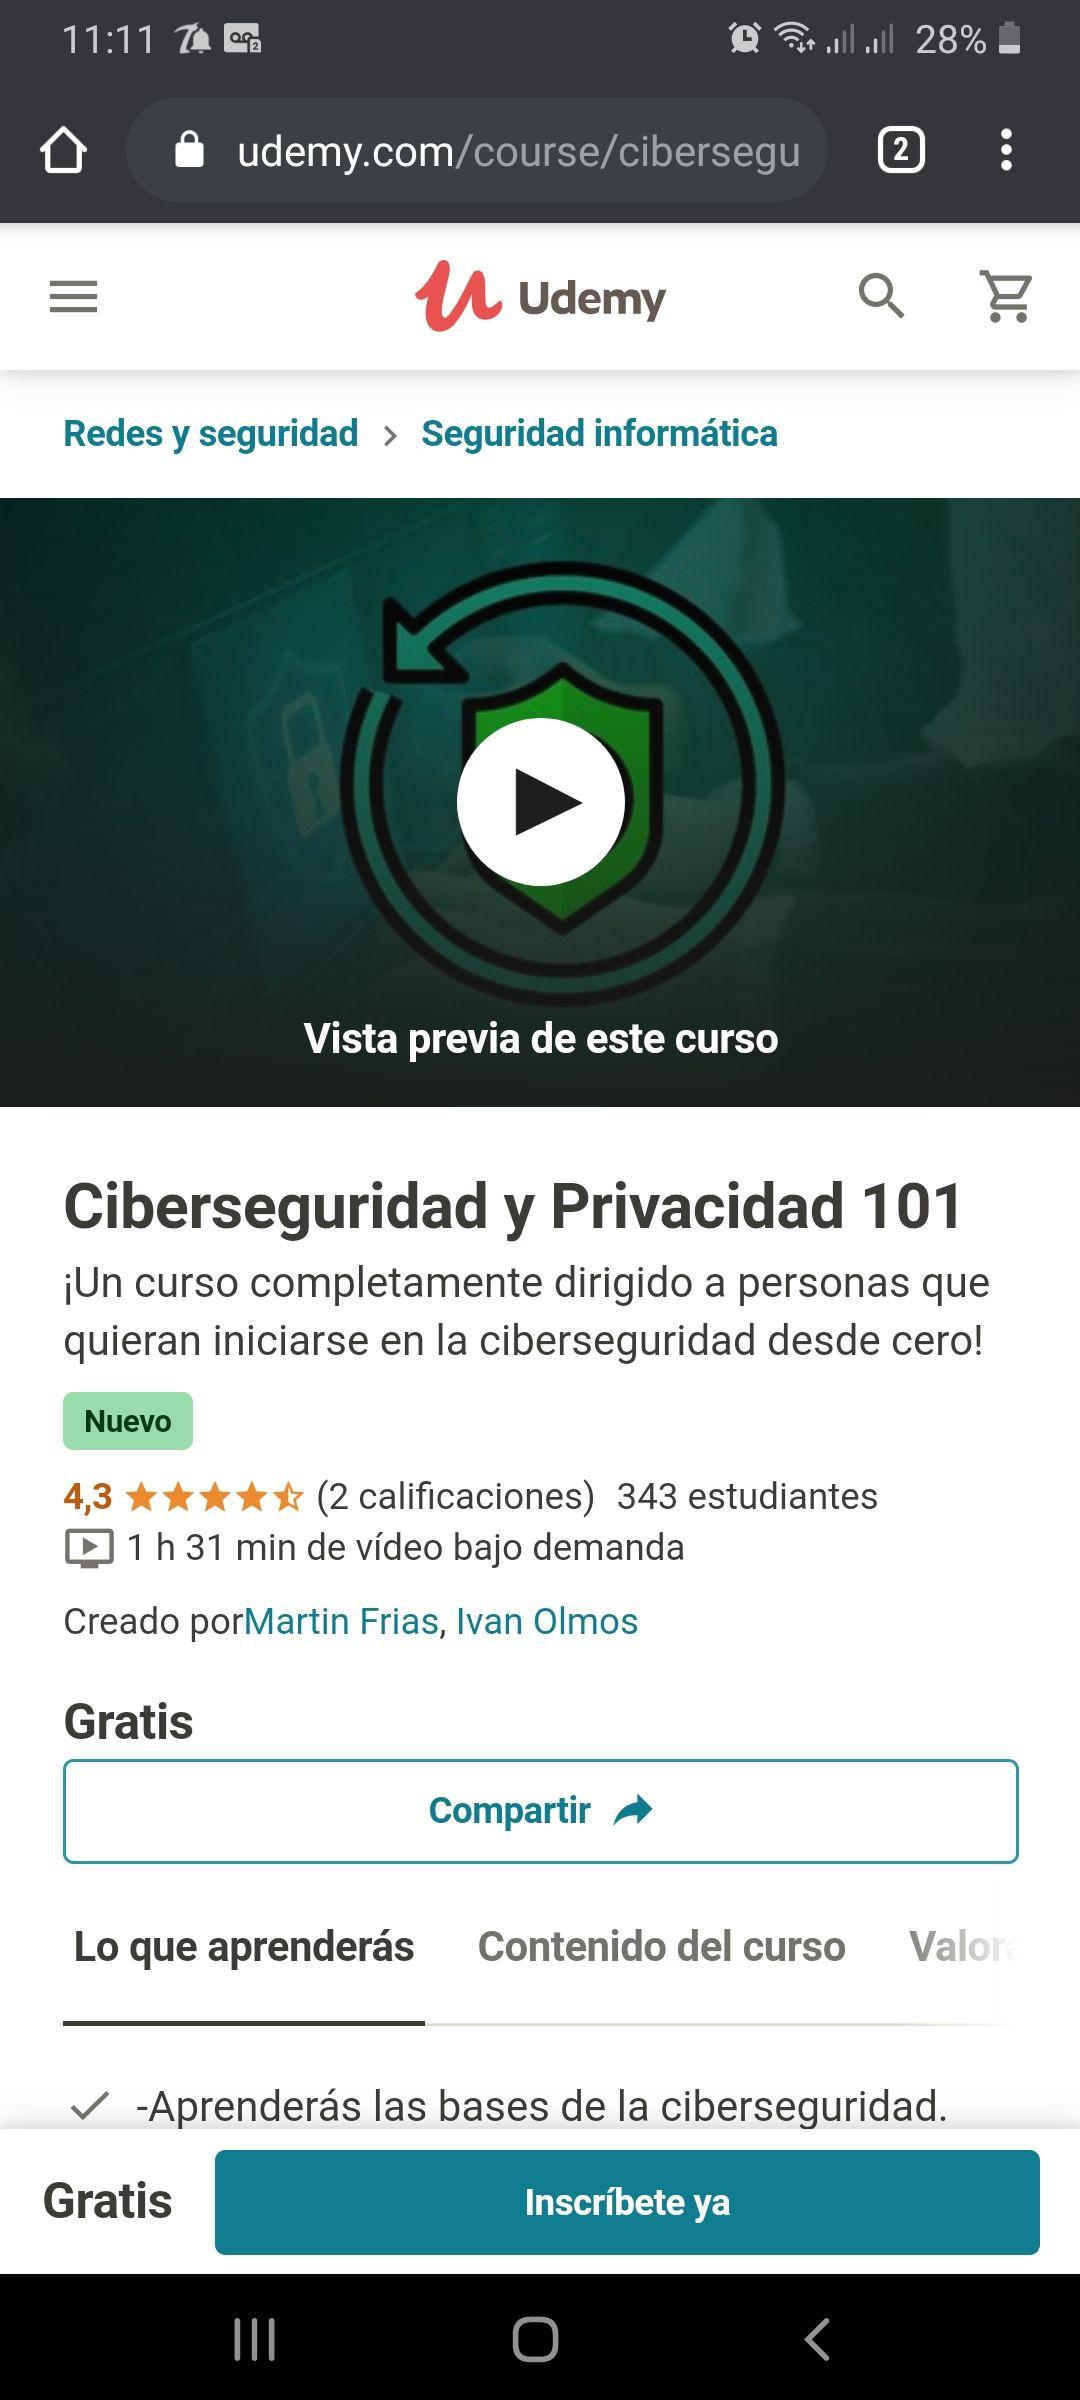 Udemy: Ciberseguridad y Privacidad 101